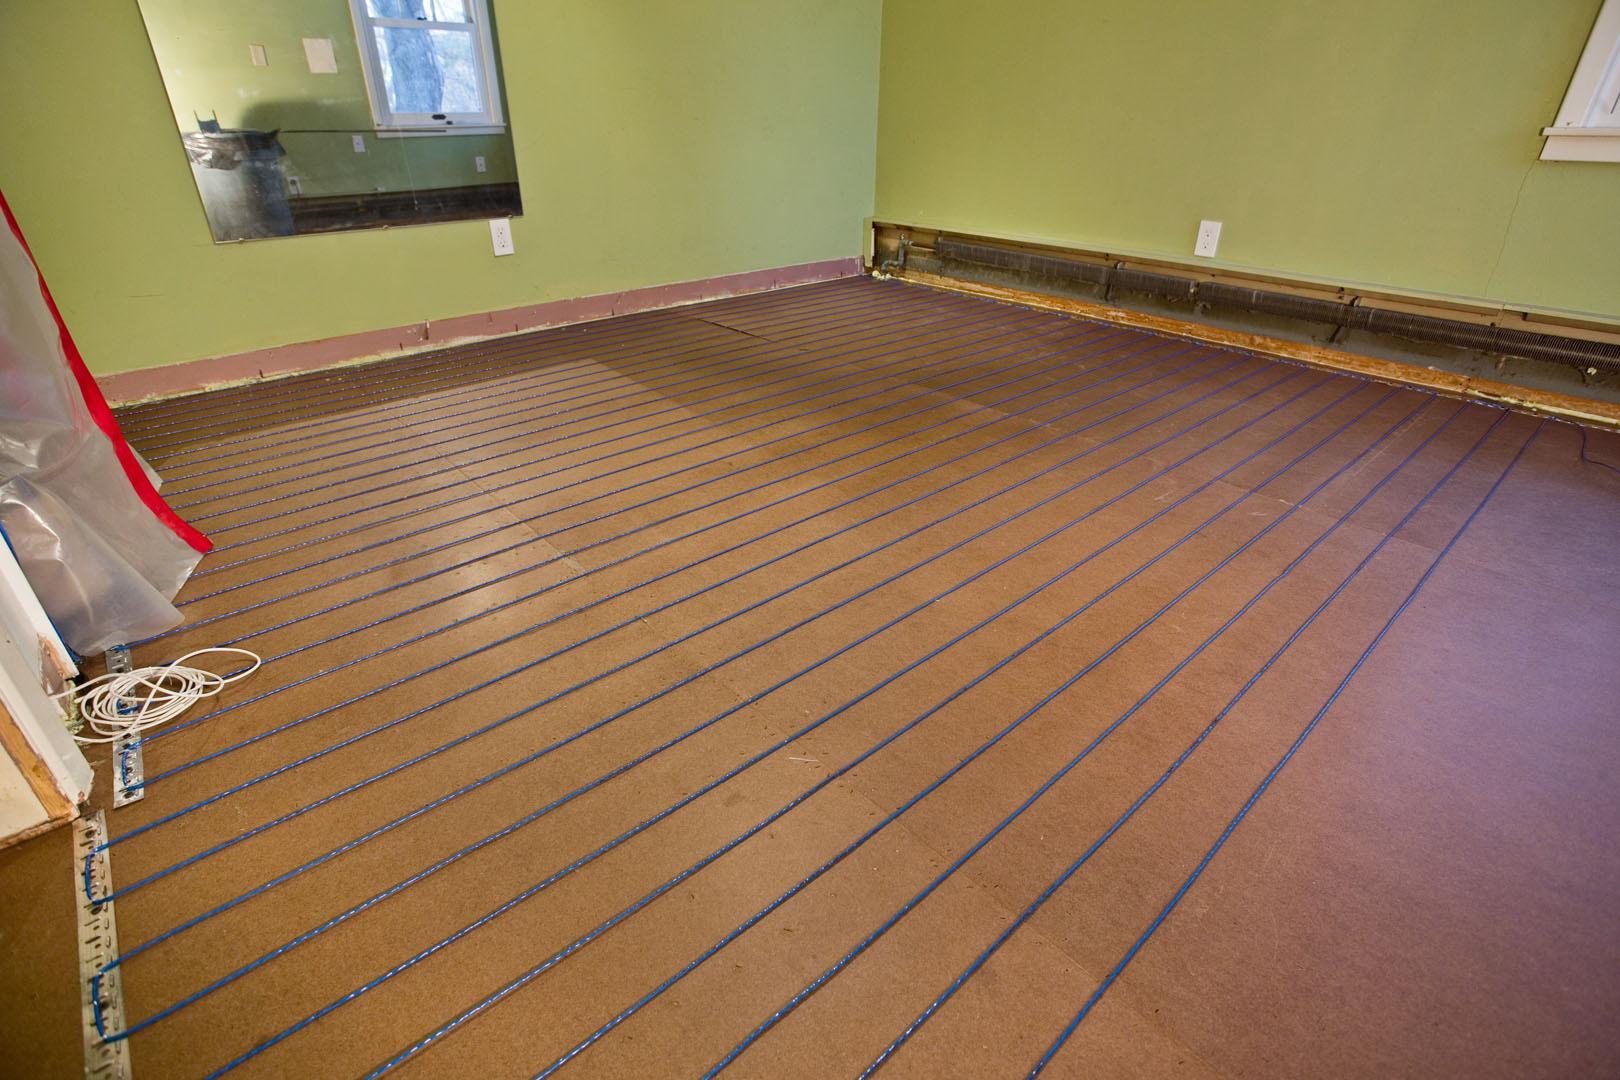 Flooring hardboard carpet review for Floors for less reviews